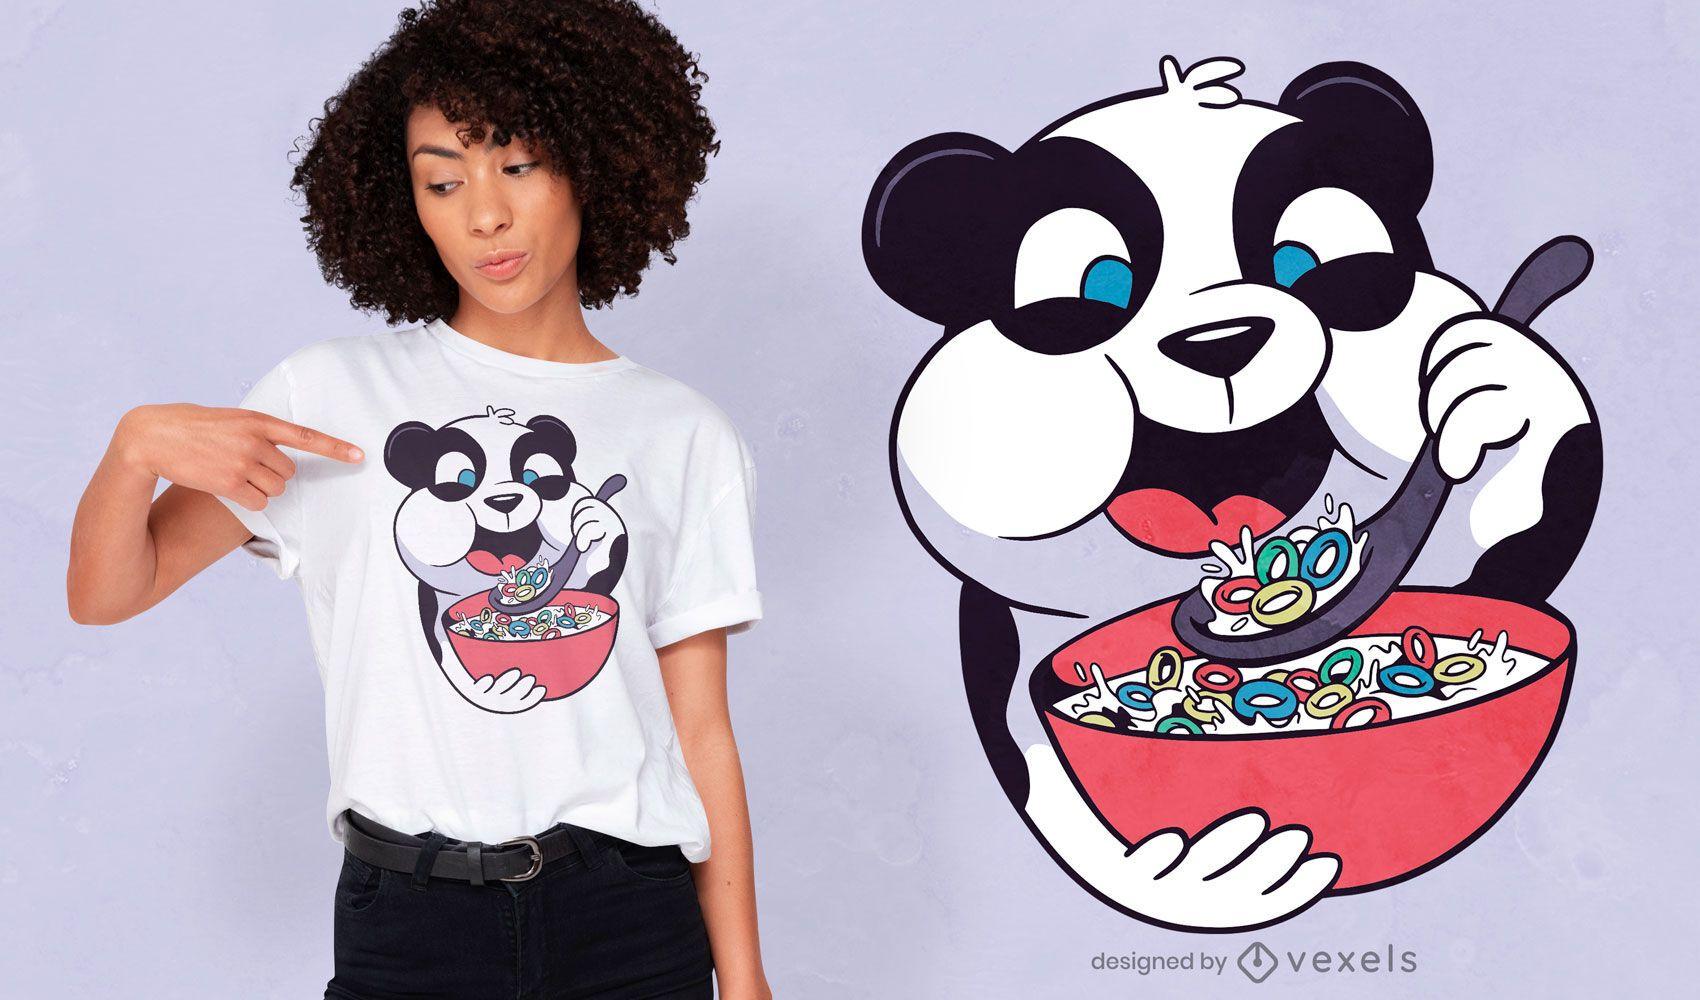 Cute panda eating cereal t-shirt design